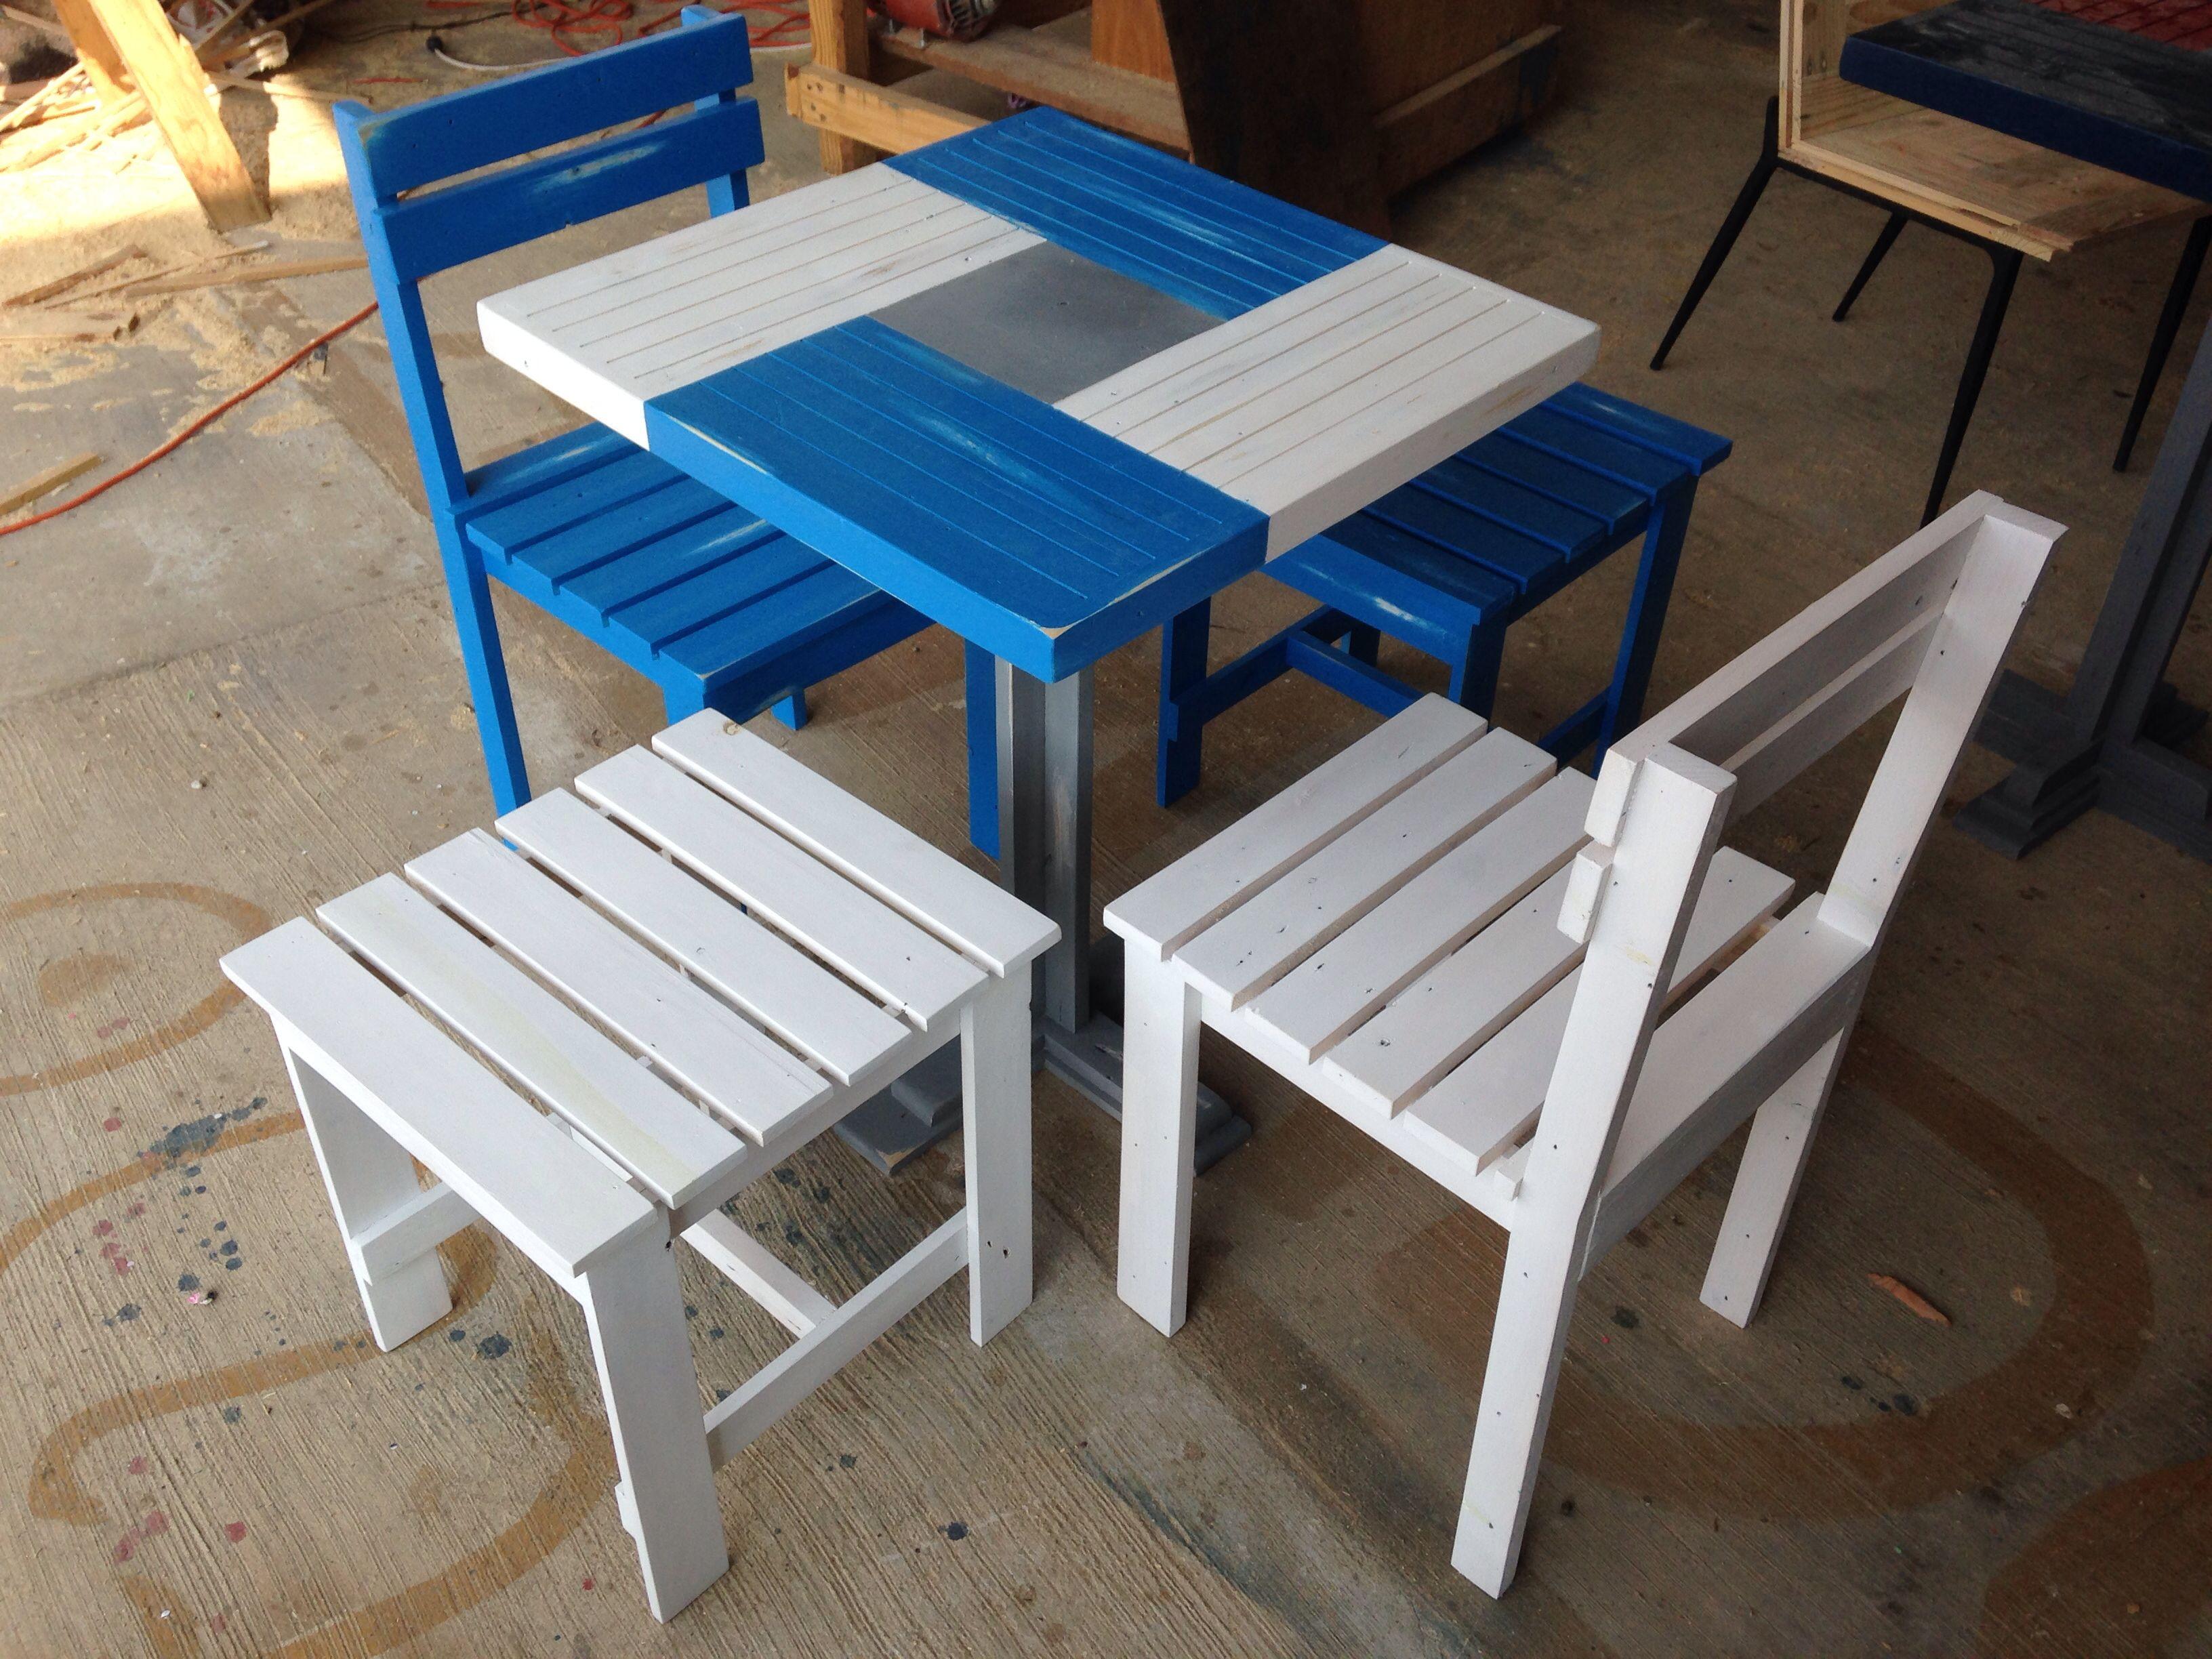 juego de mesa sillas y bancos en madera reciclada pintado a